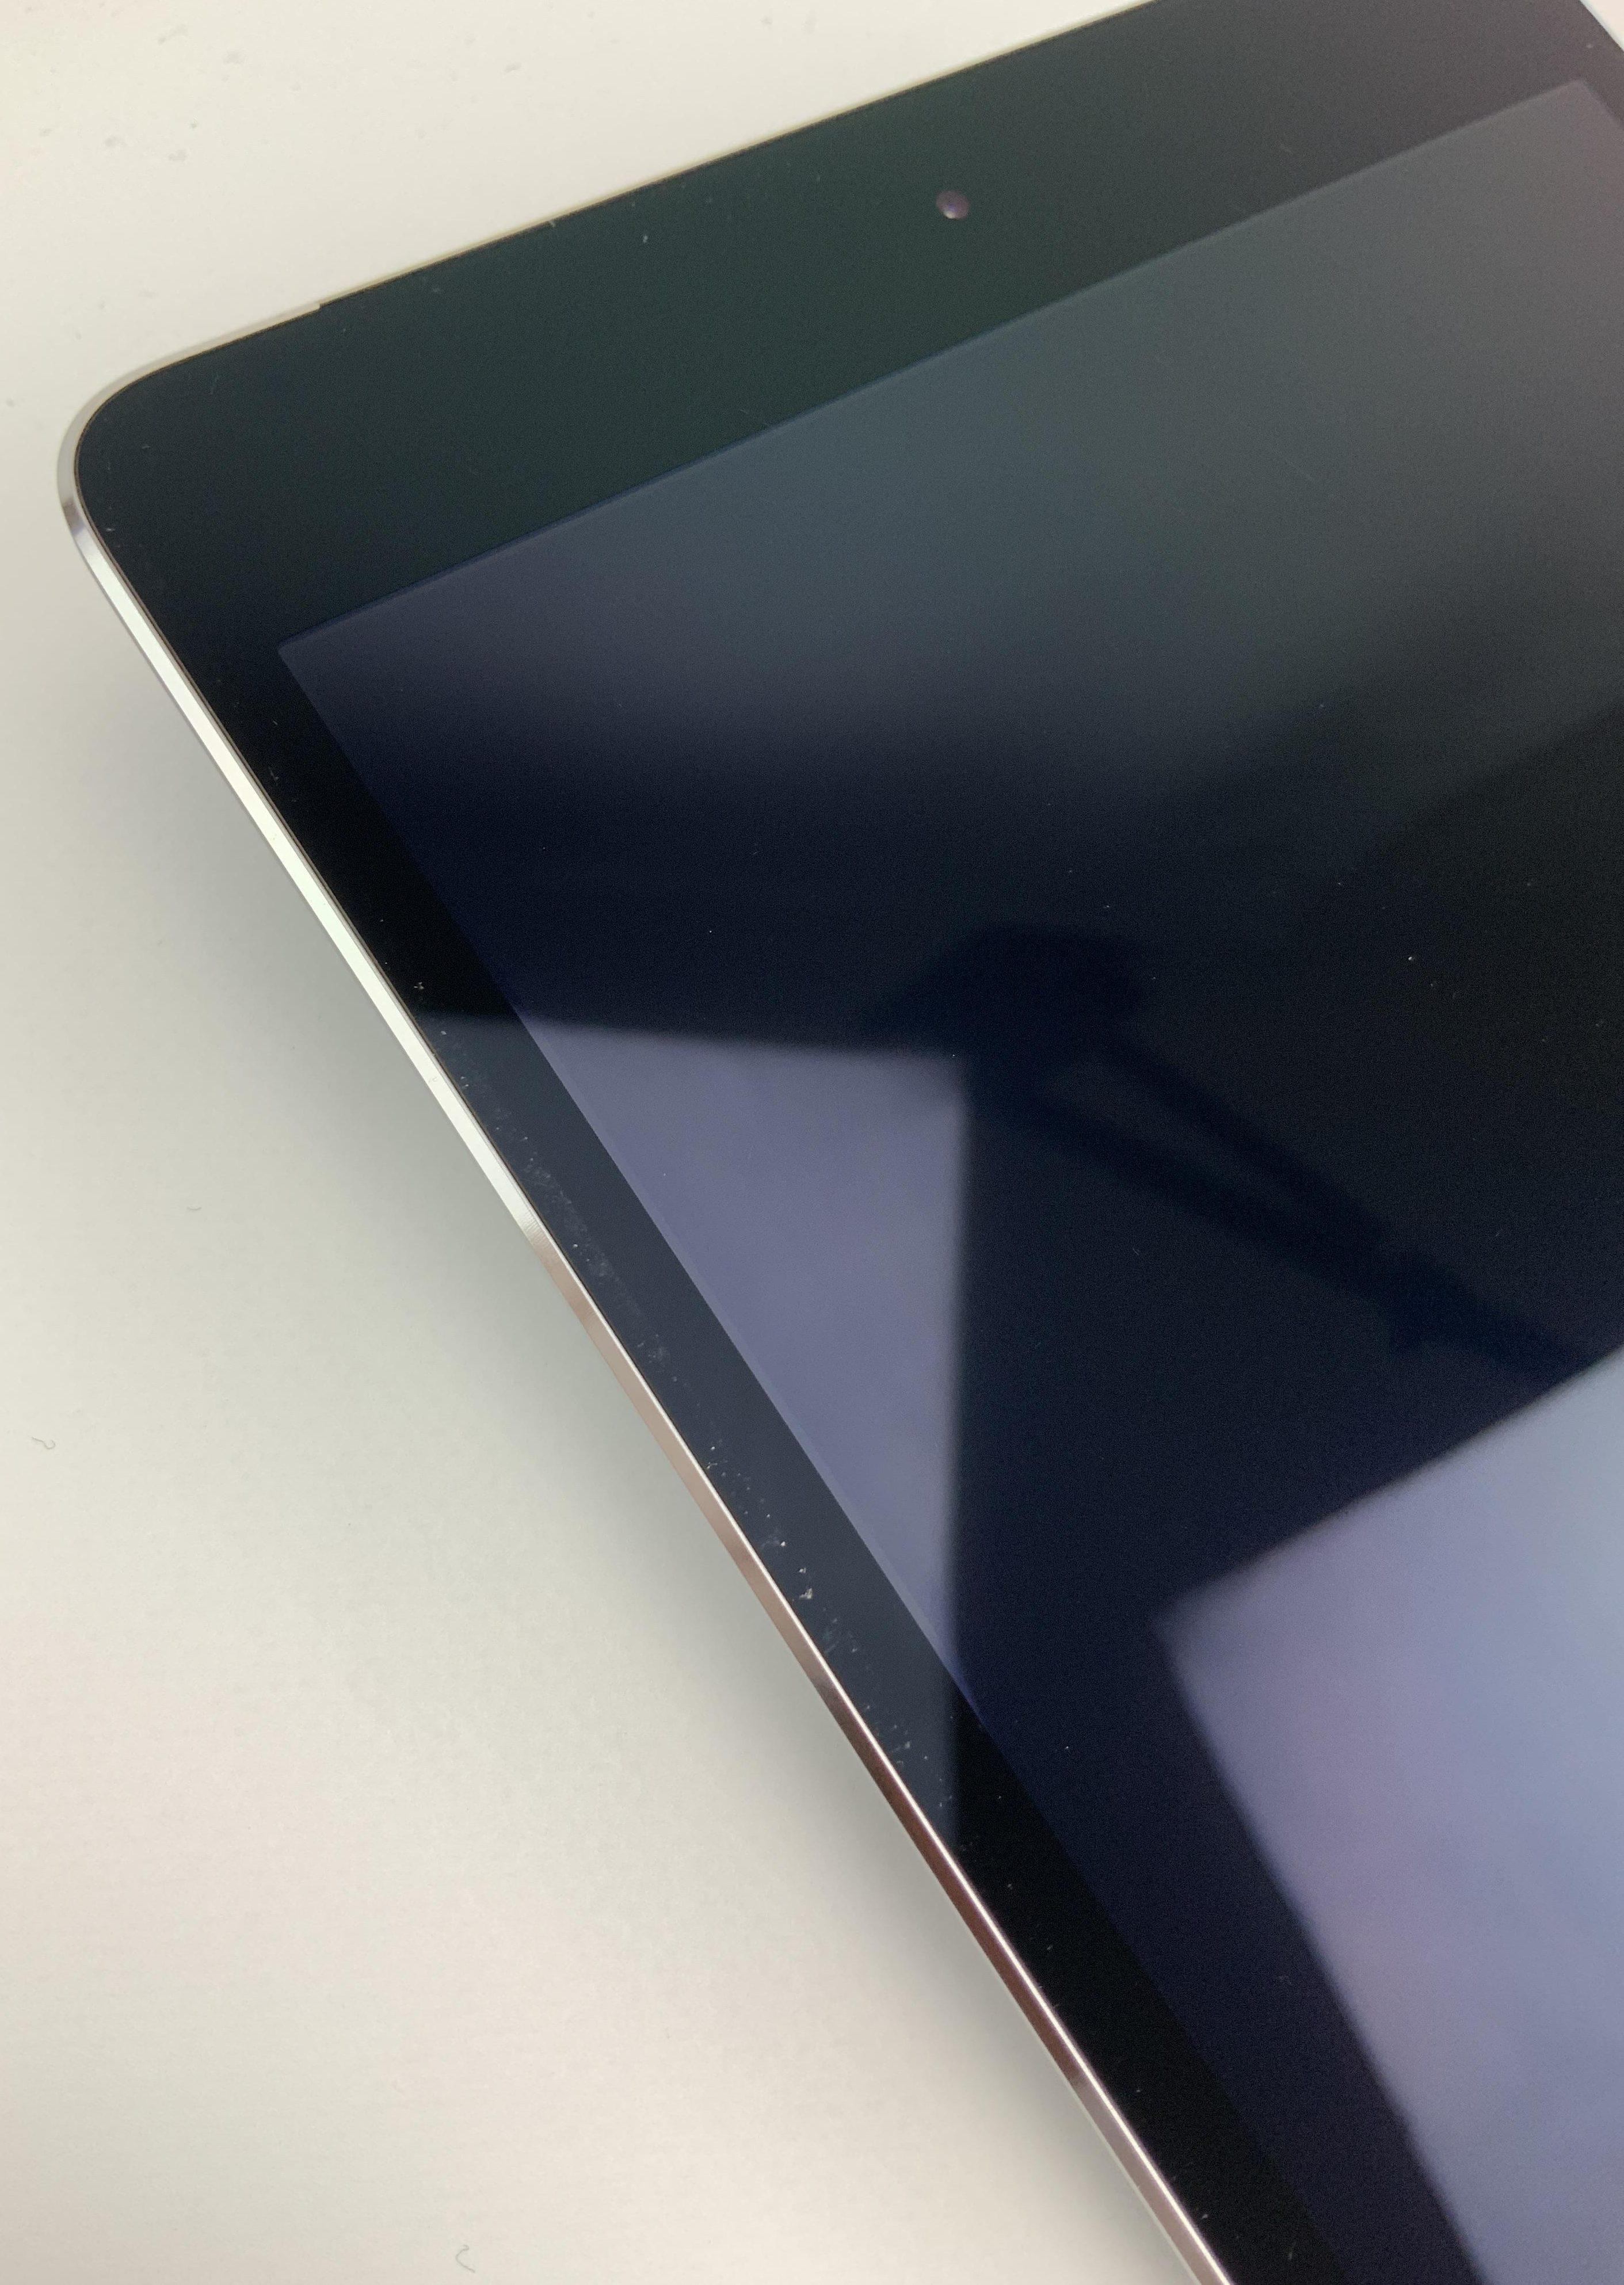 iPad mini 4 Wi-Fi + Cellular 128GB, 128GB, Space Gray, obraz 4